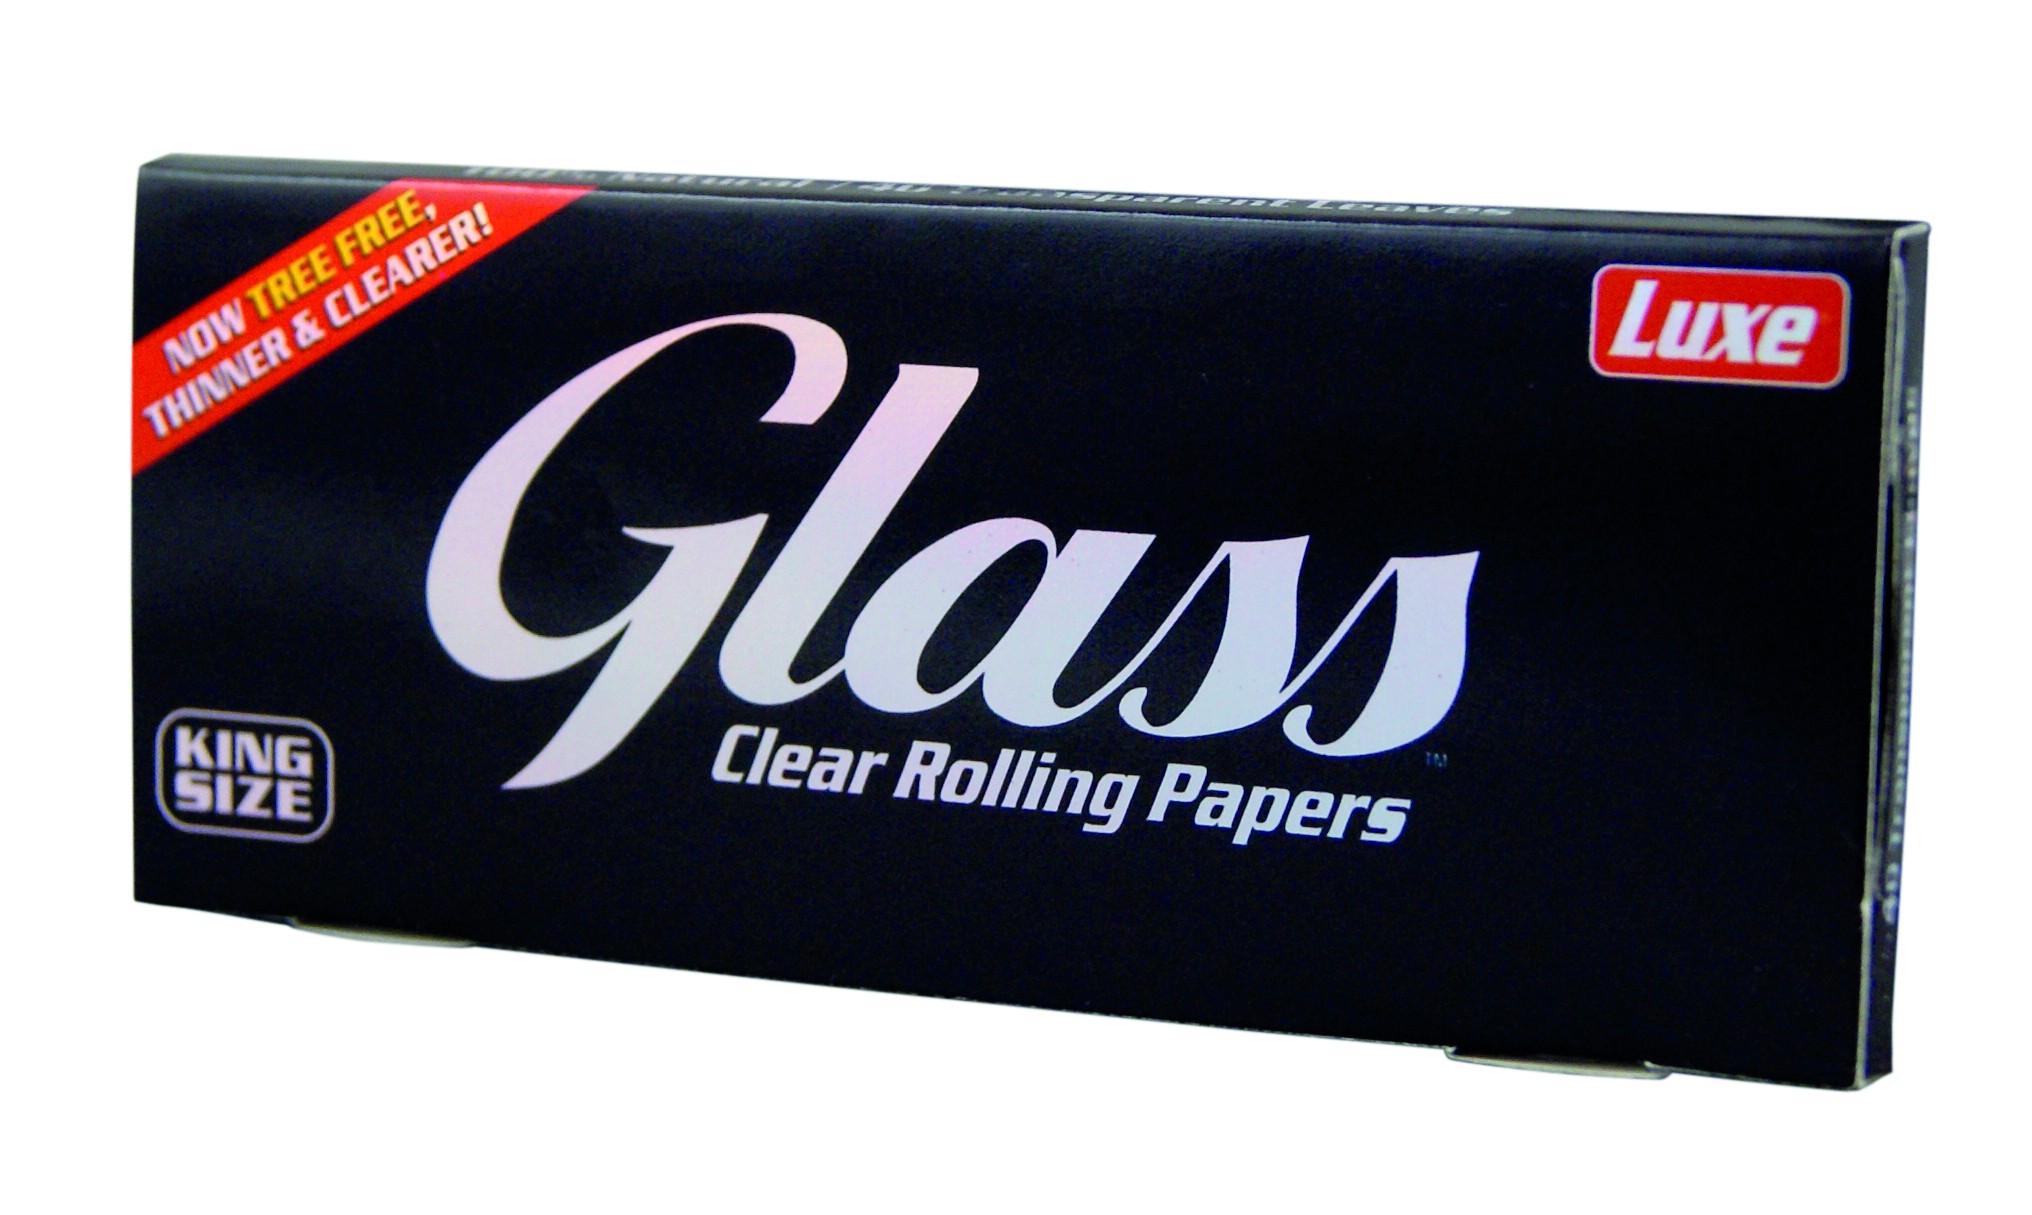 Librillo Glass King Size